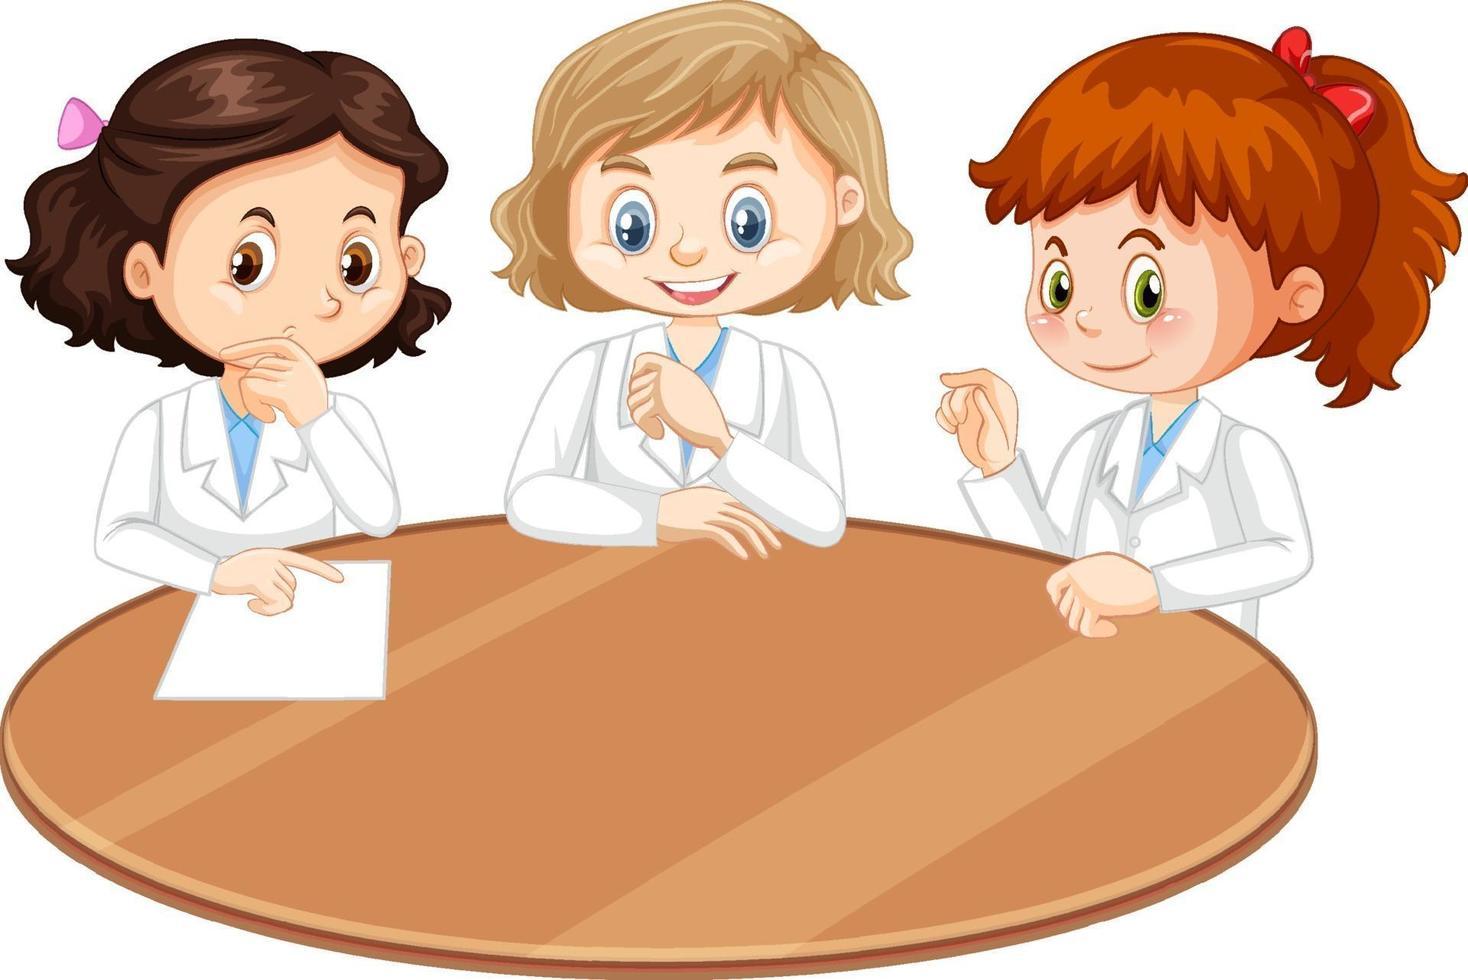 personagem de desenho animado de três meninas cientistas com mesa em branco vetor